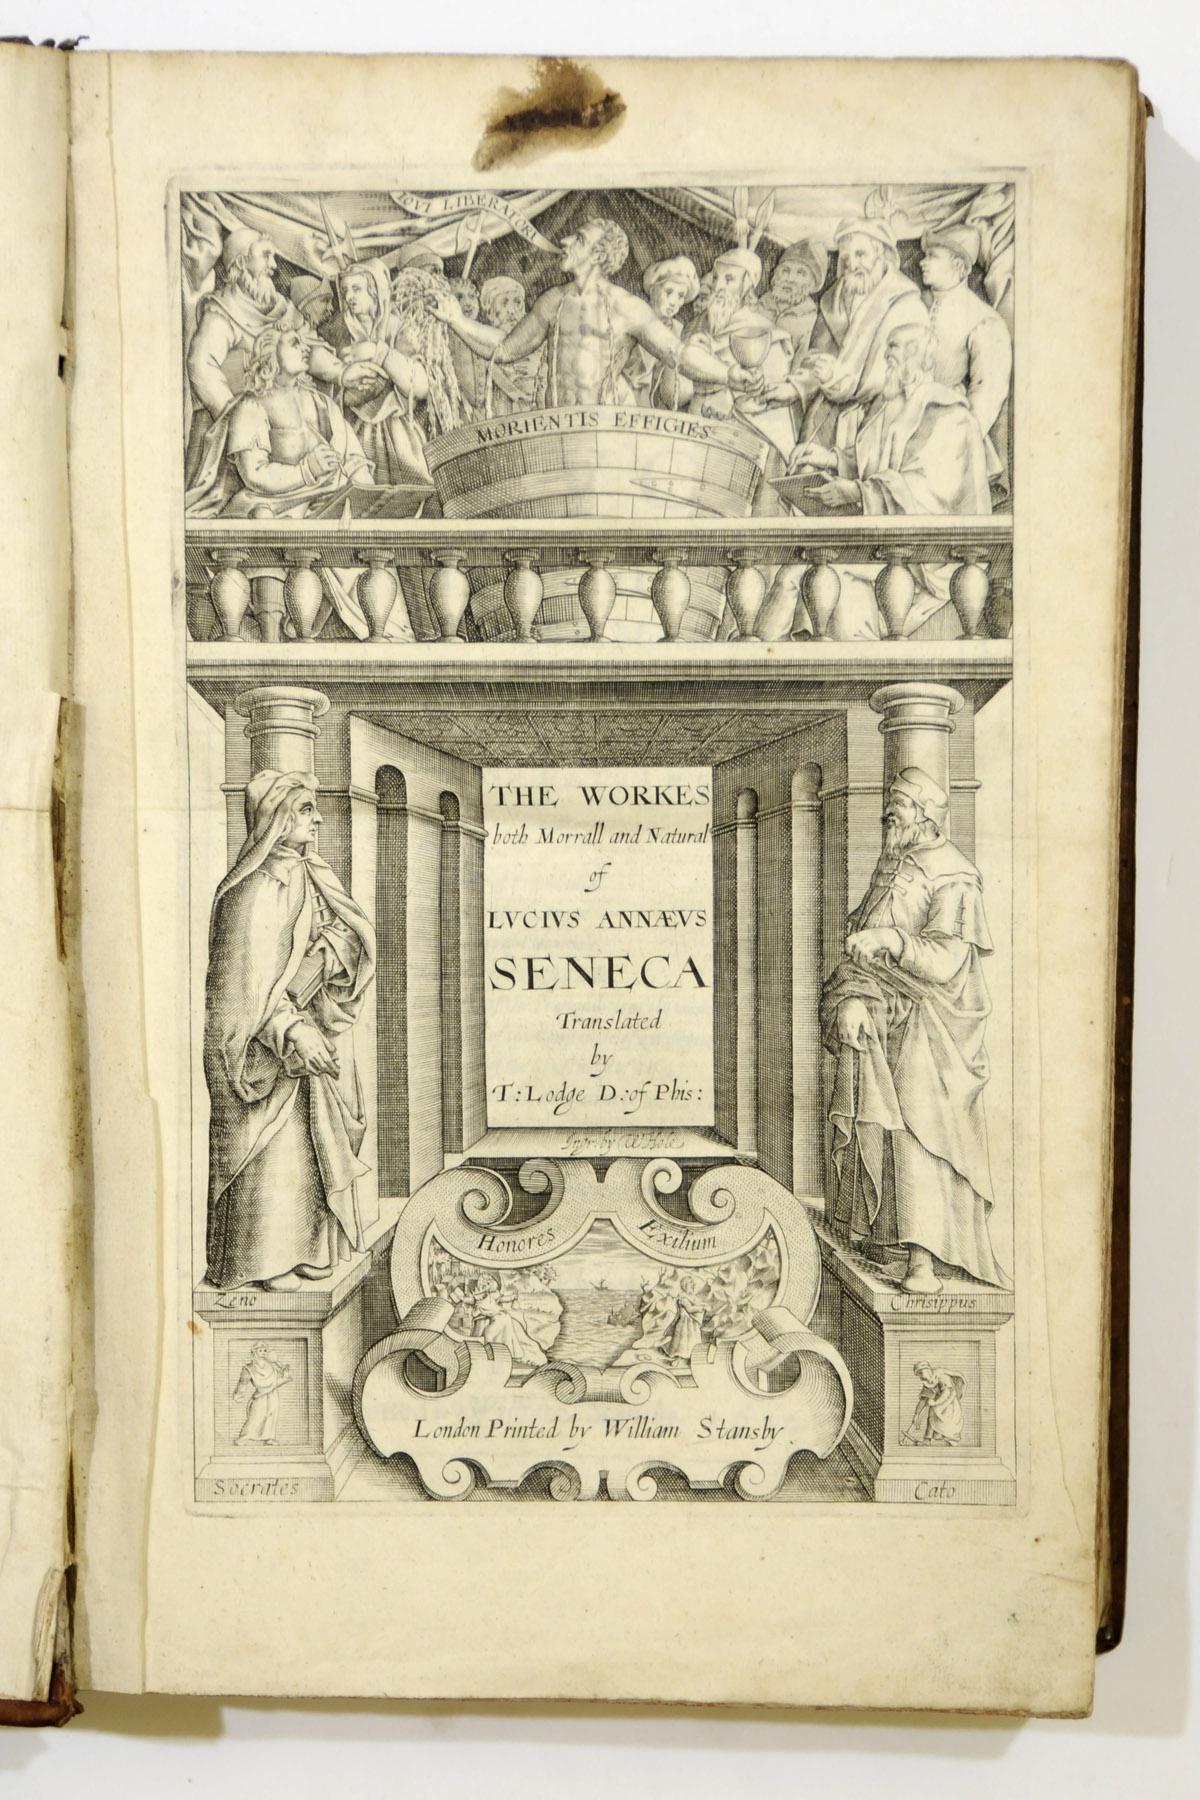 SENECA, Lucius Annaeus (?4 B.C